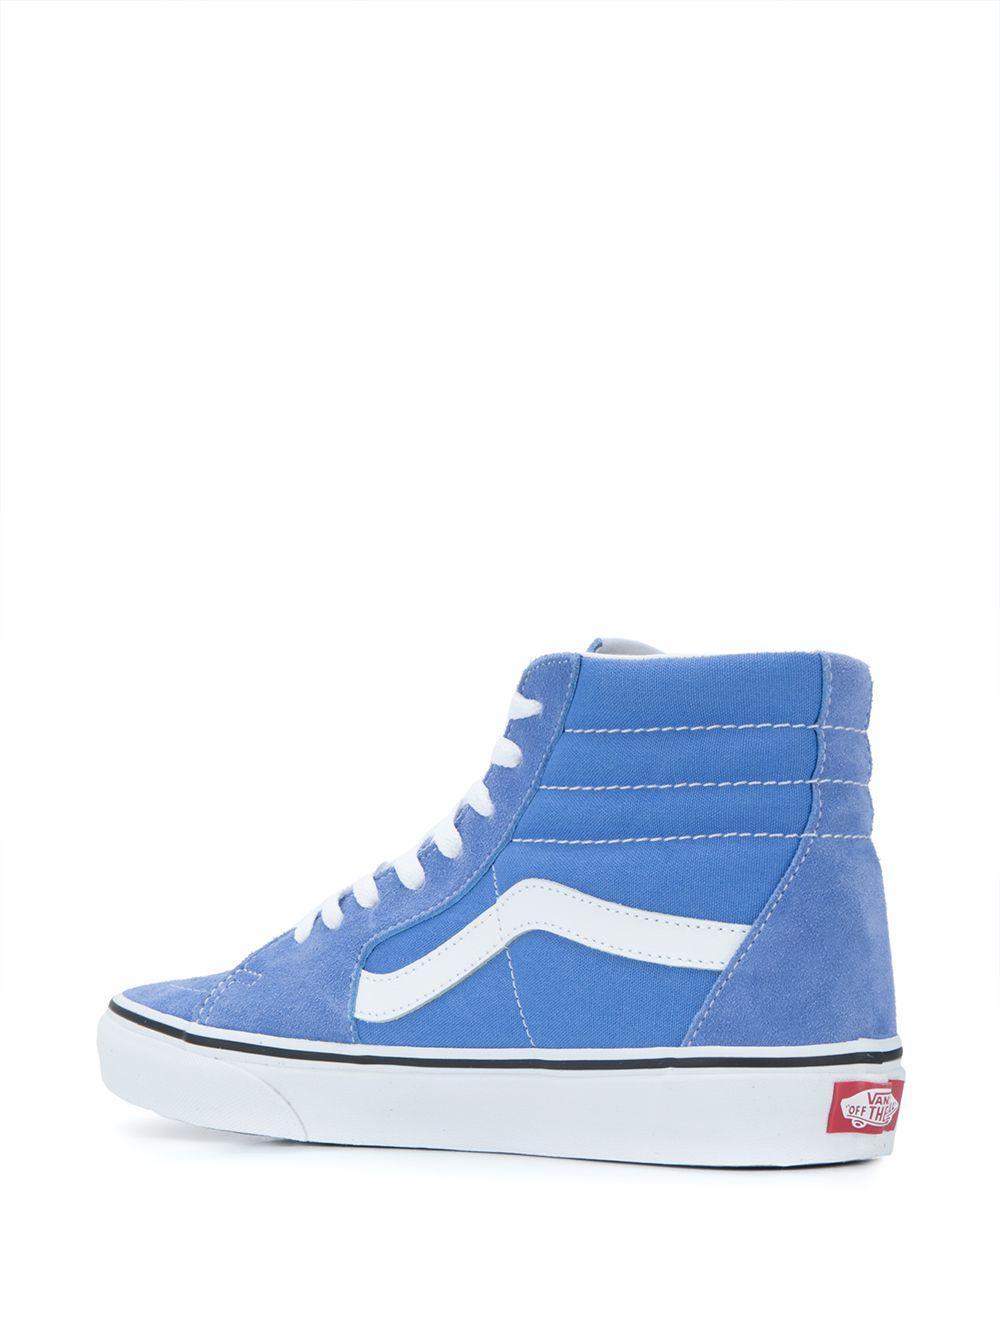 Zapatillas UA Sk8-Hi Vans de Lona de color Azul